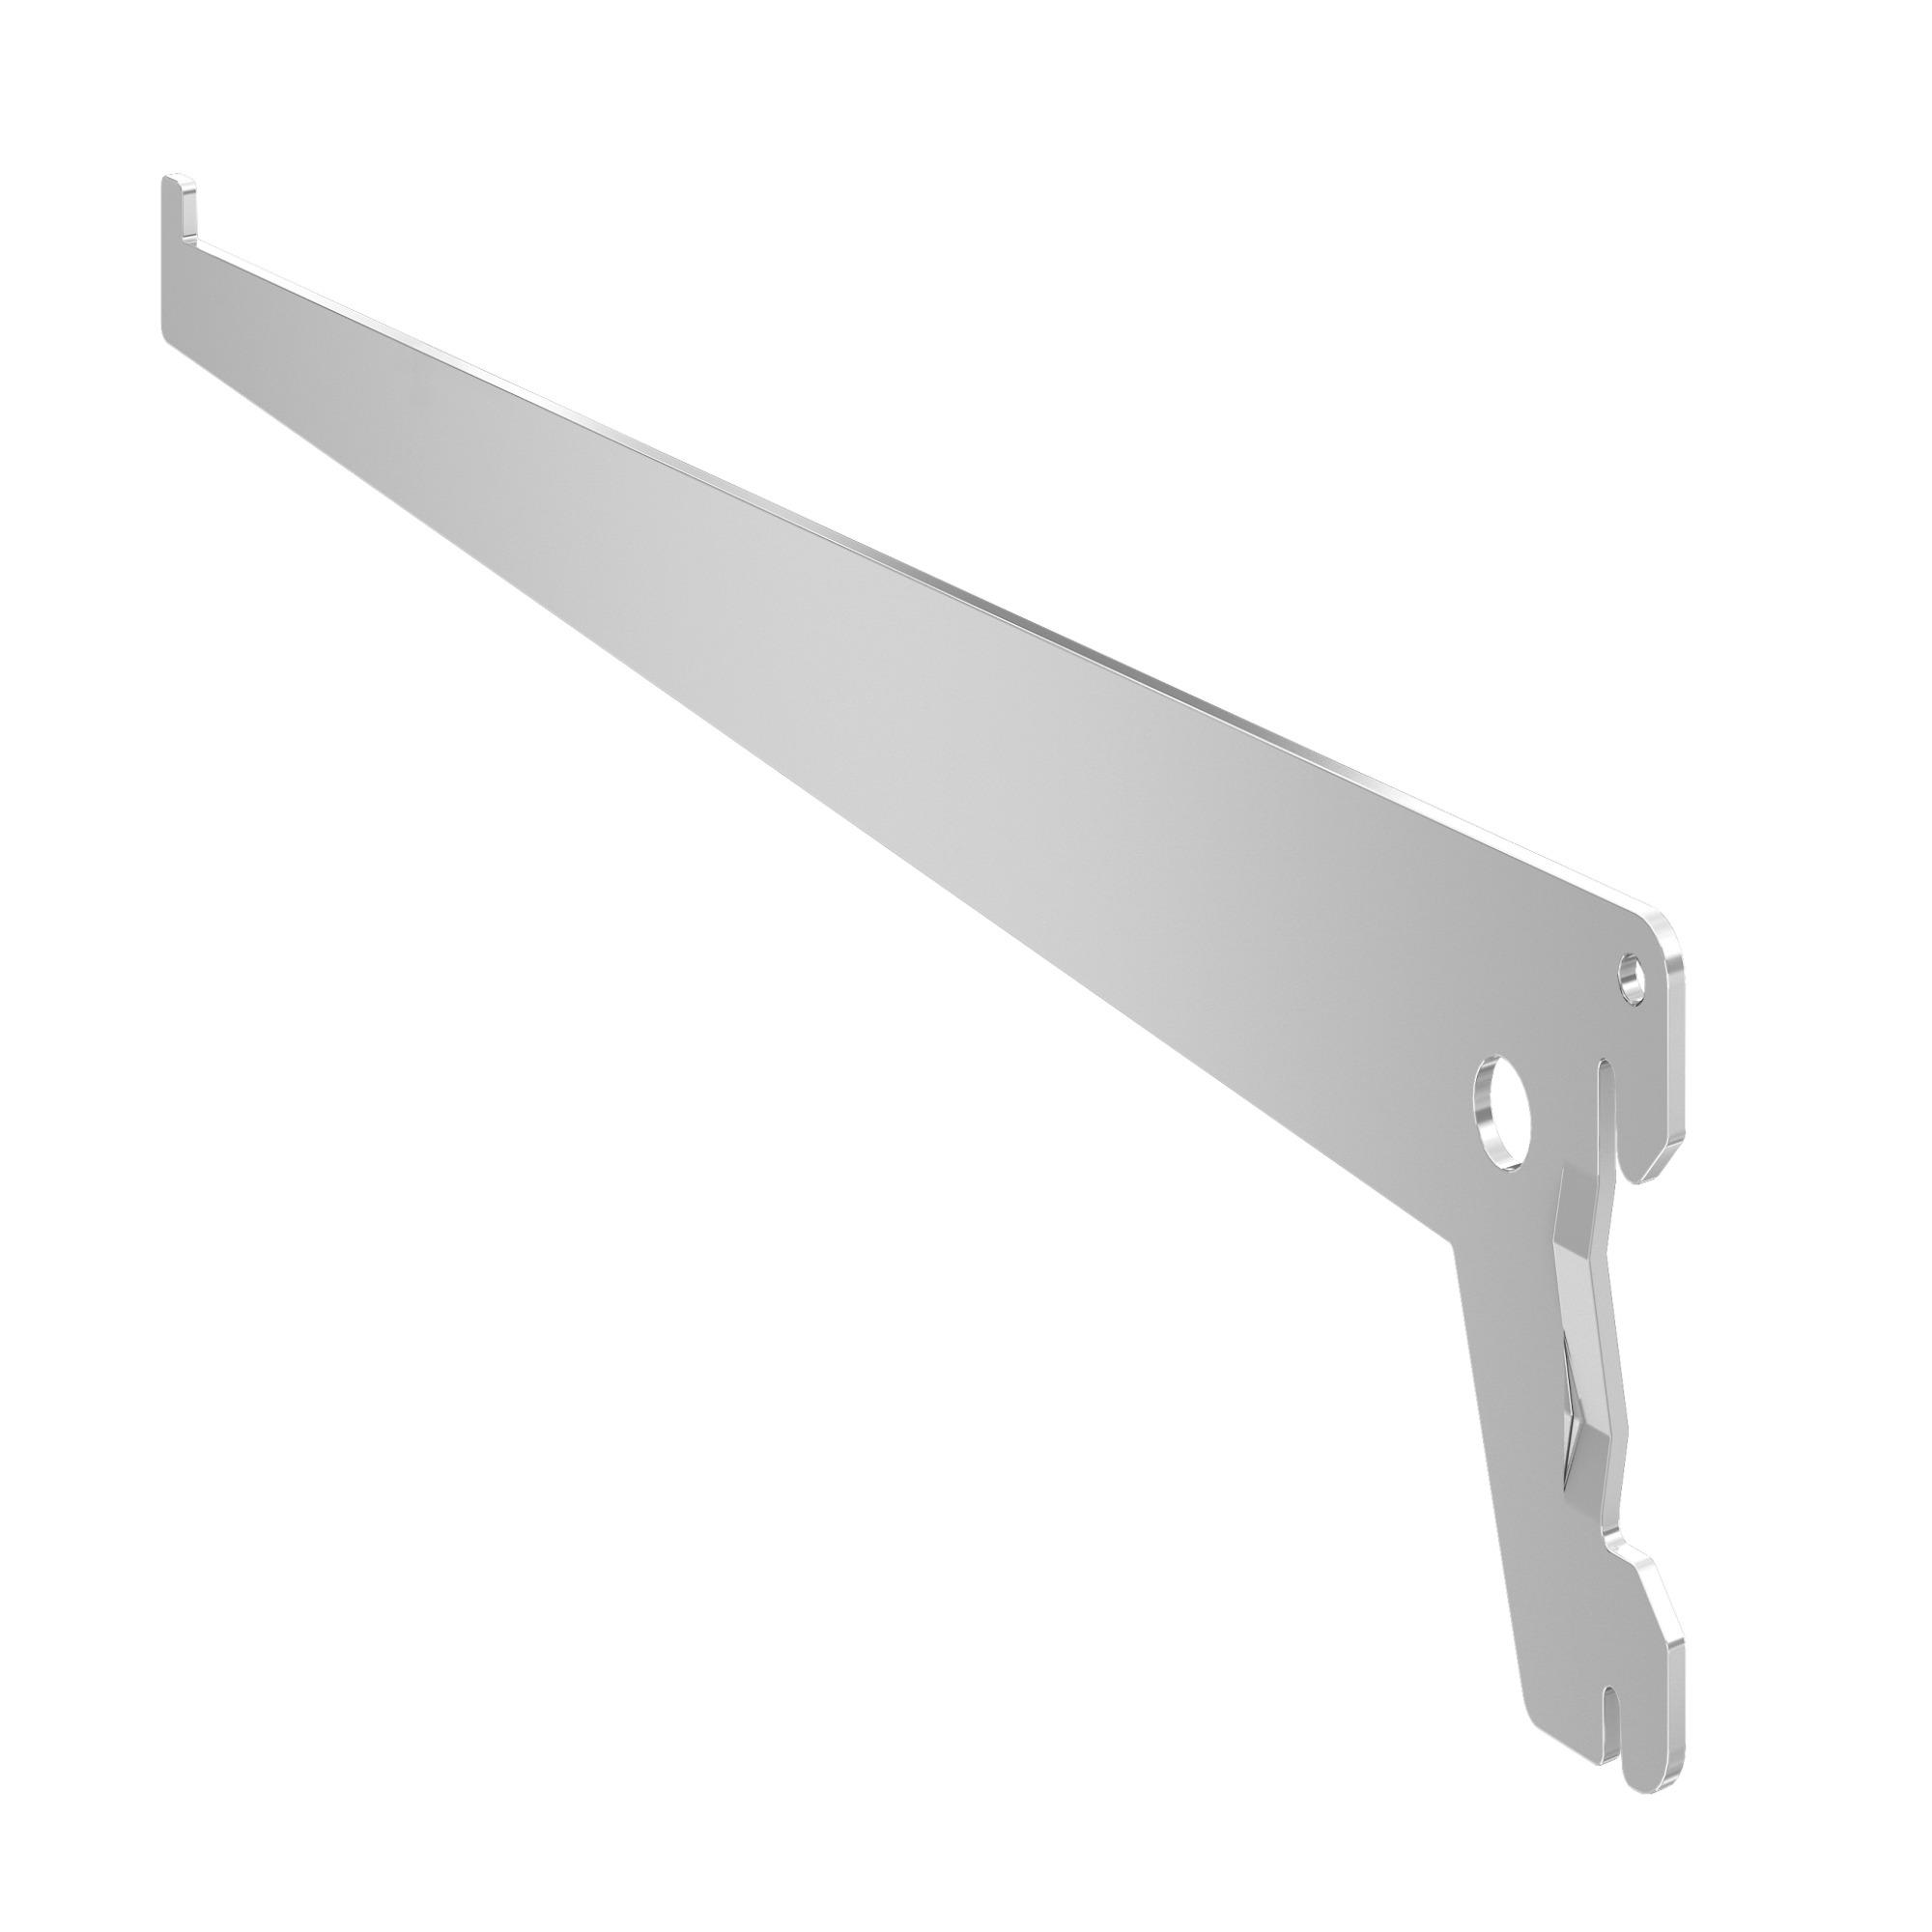 Suporte para Trilho Meia-Cana 20 cm Zincado - Fico